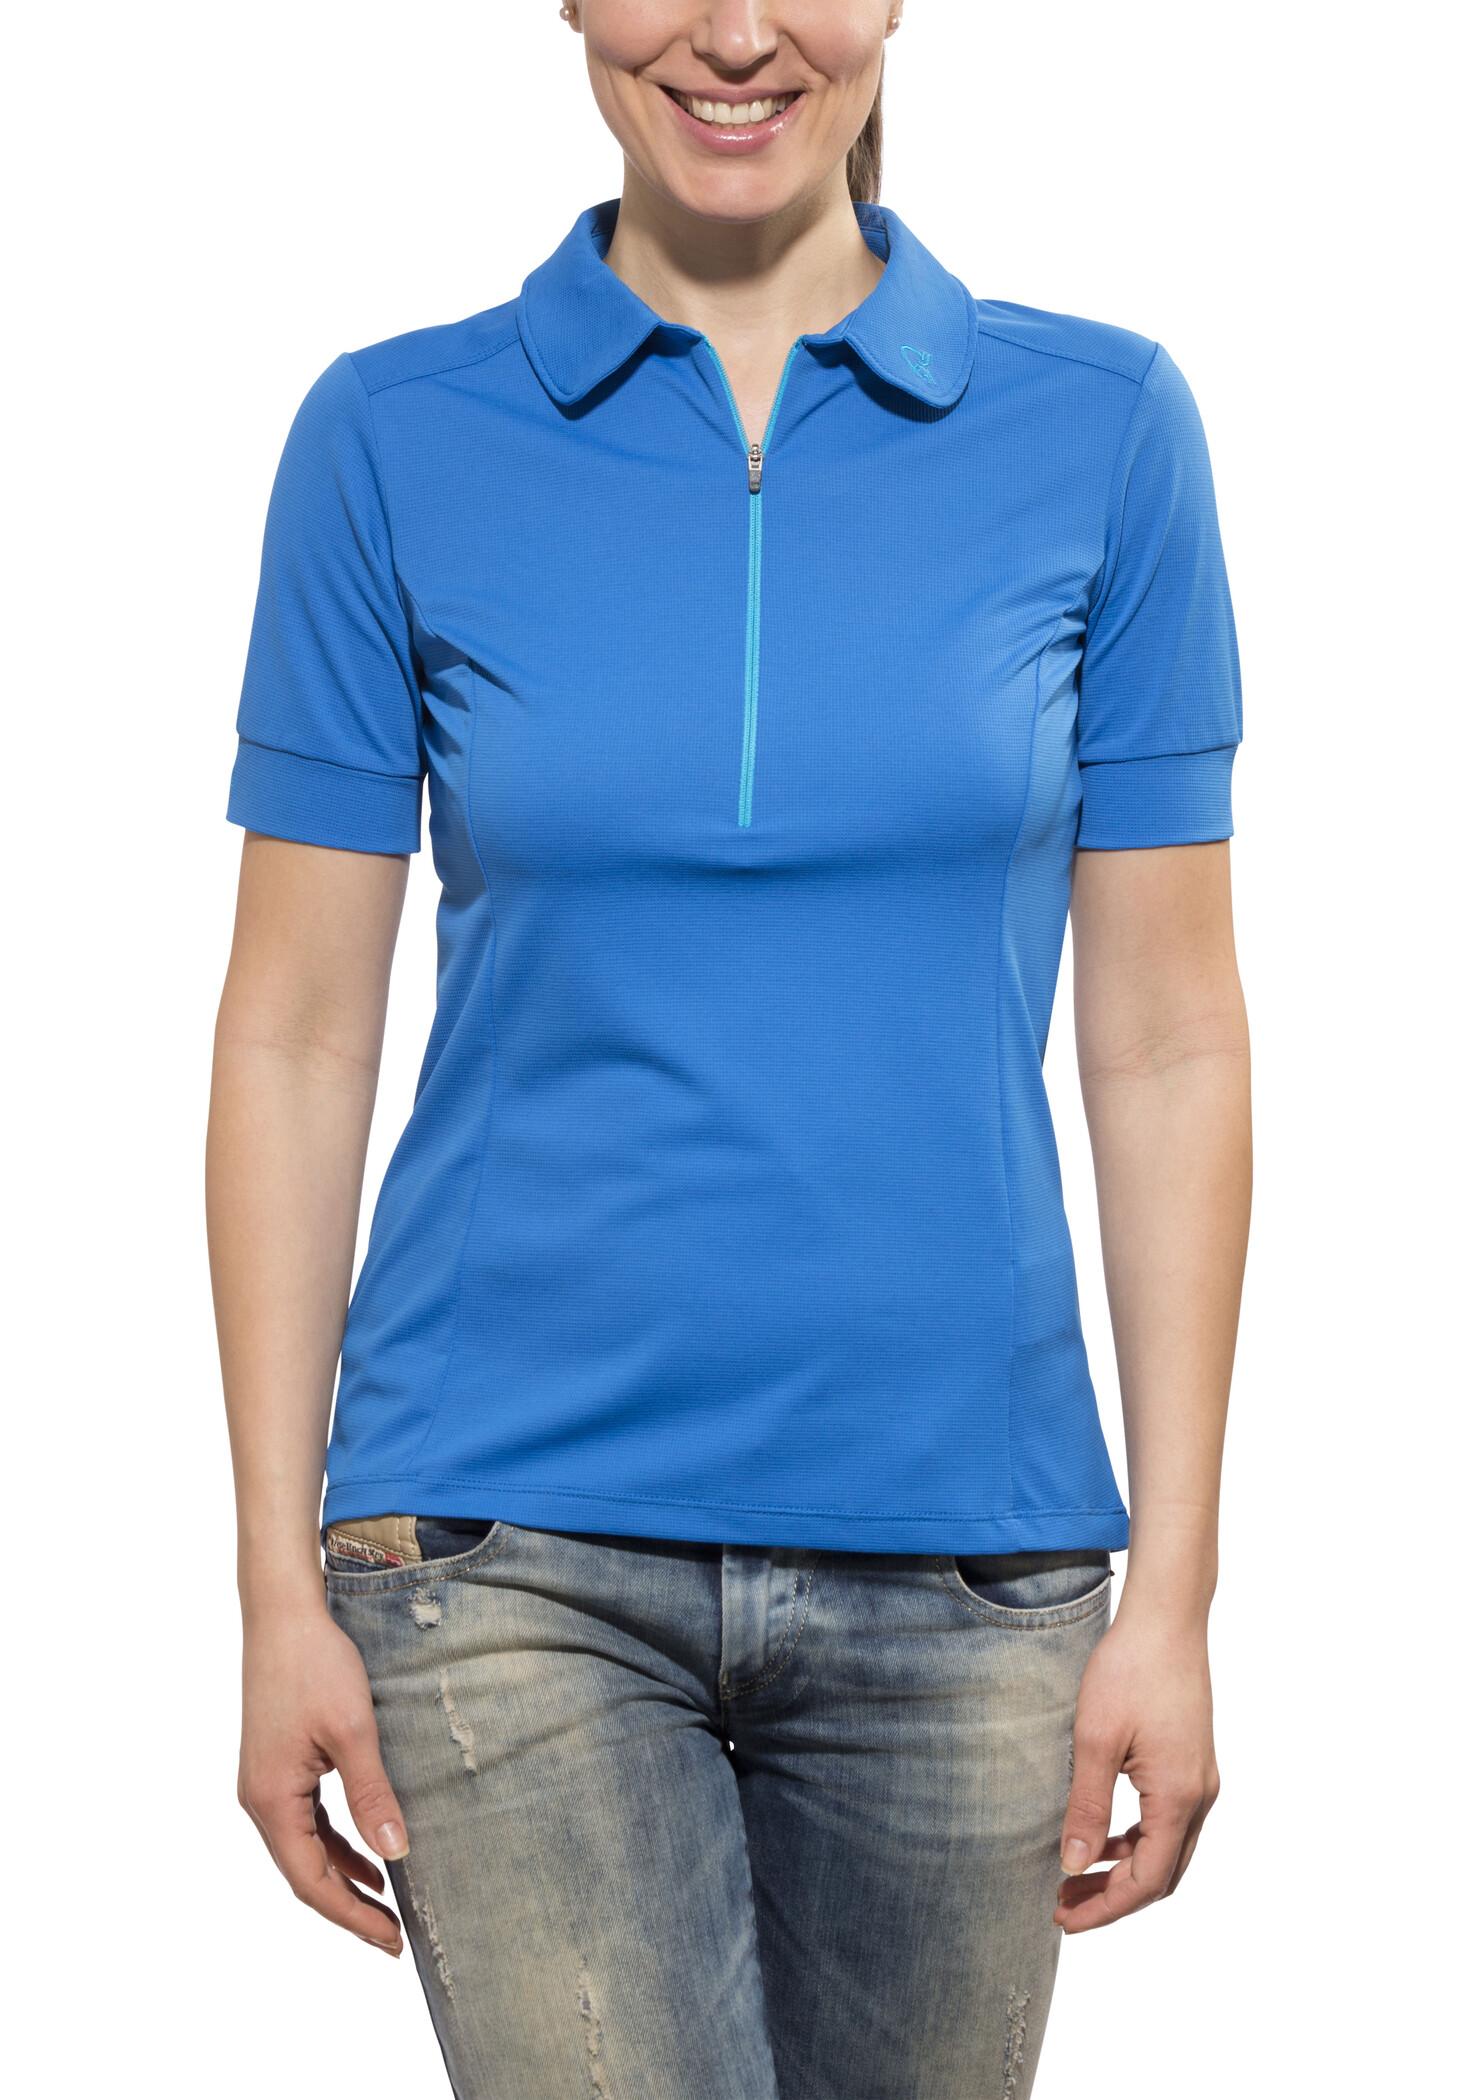 Norrøna fjørå equaliser lighweight T-shirt Damer, electric blue   Jerseys